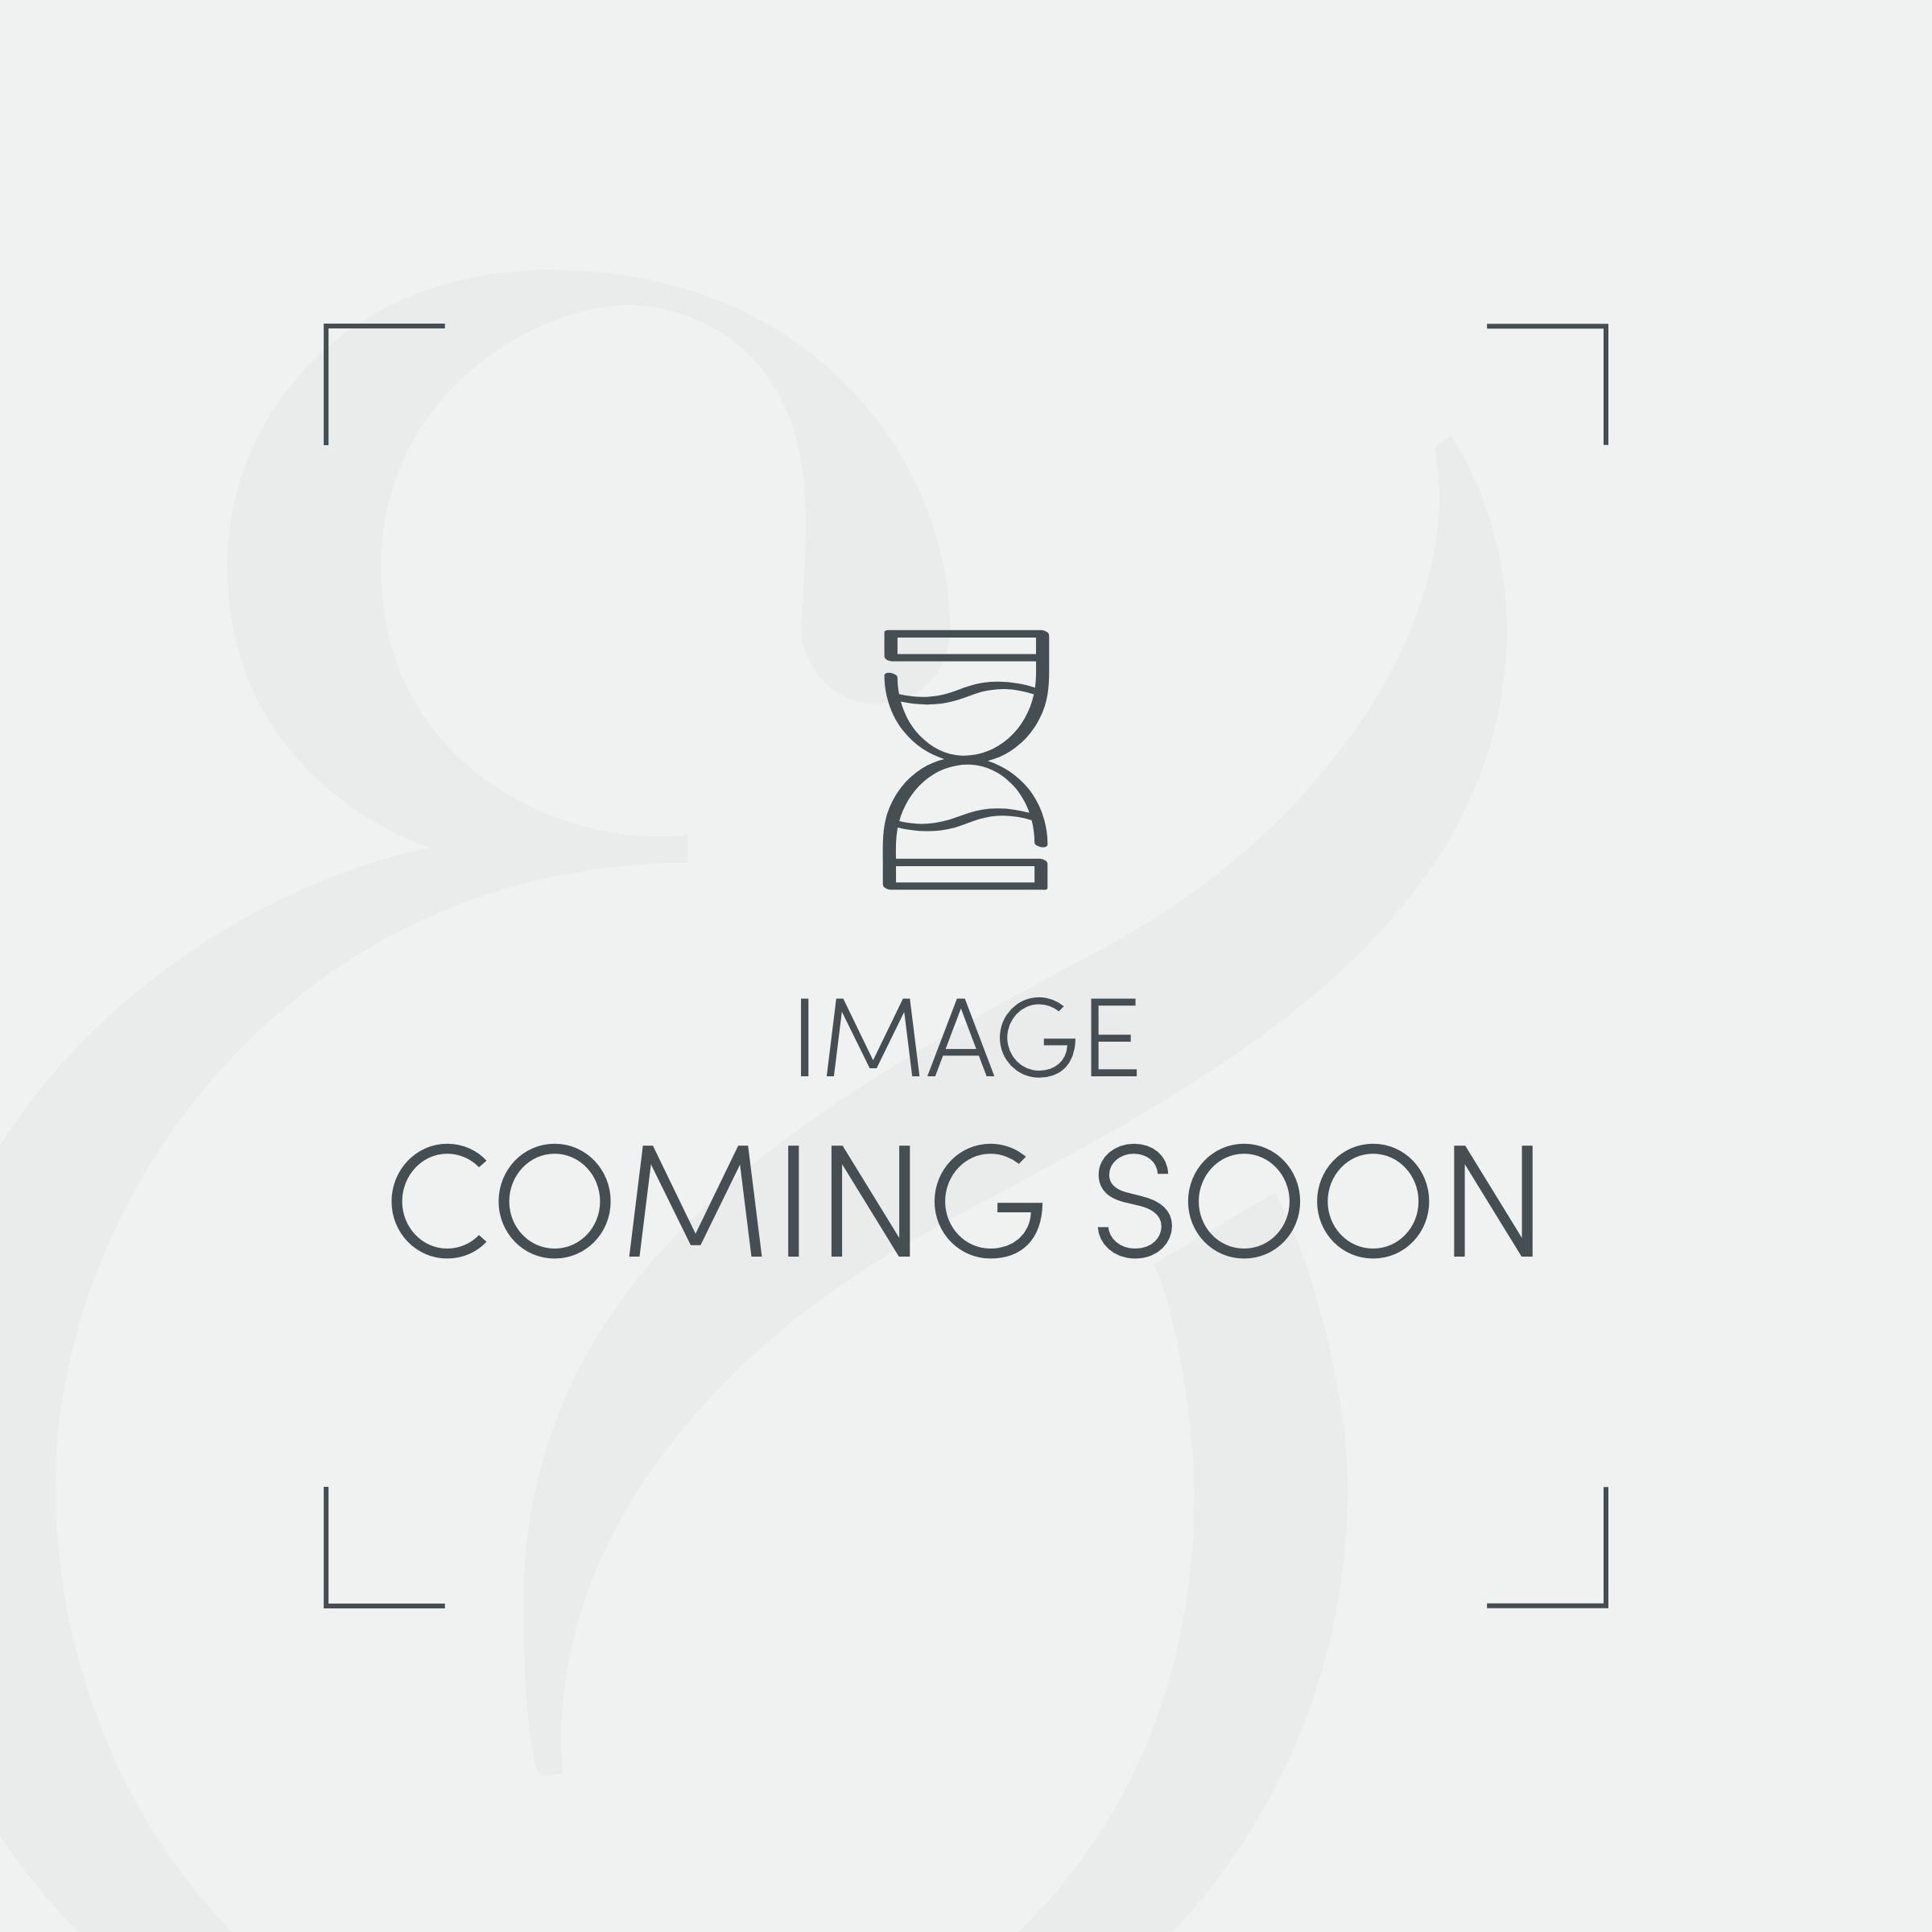 Hammam Shower Curtain including Liner & Rings